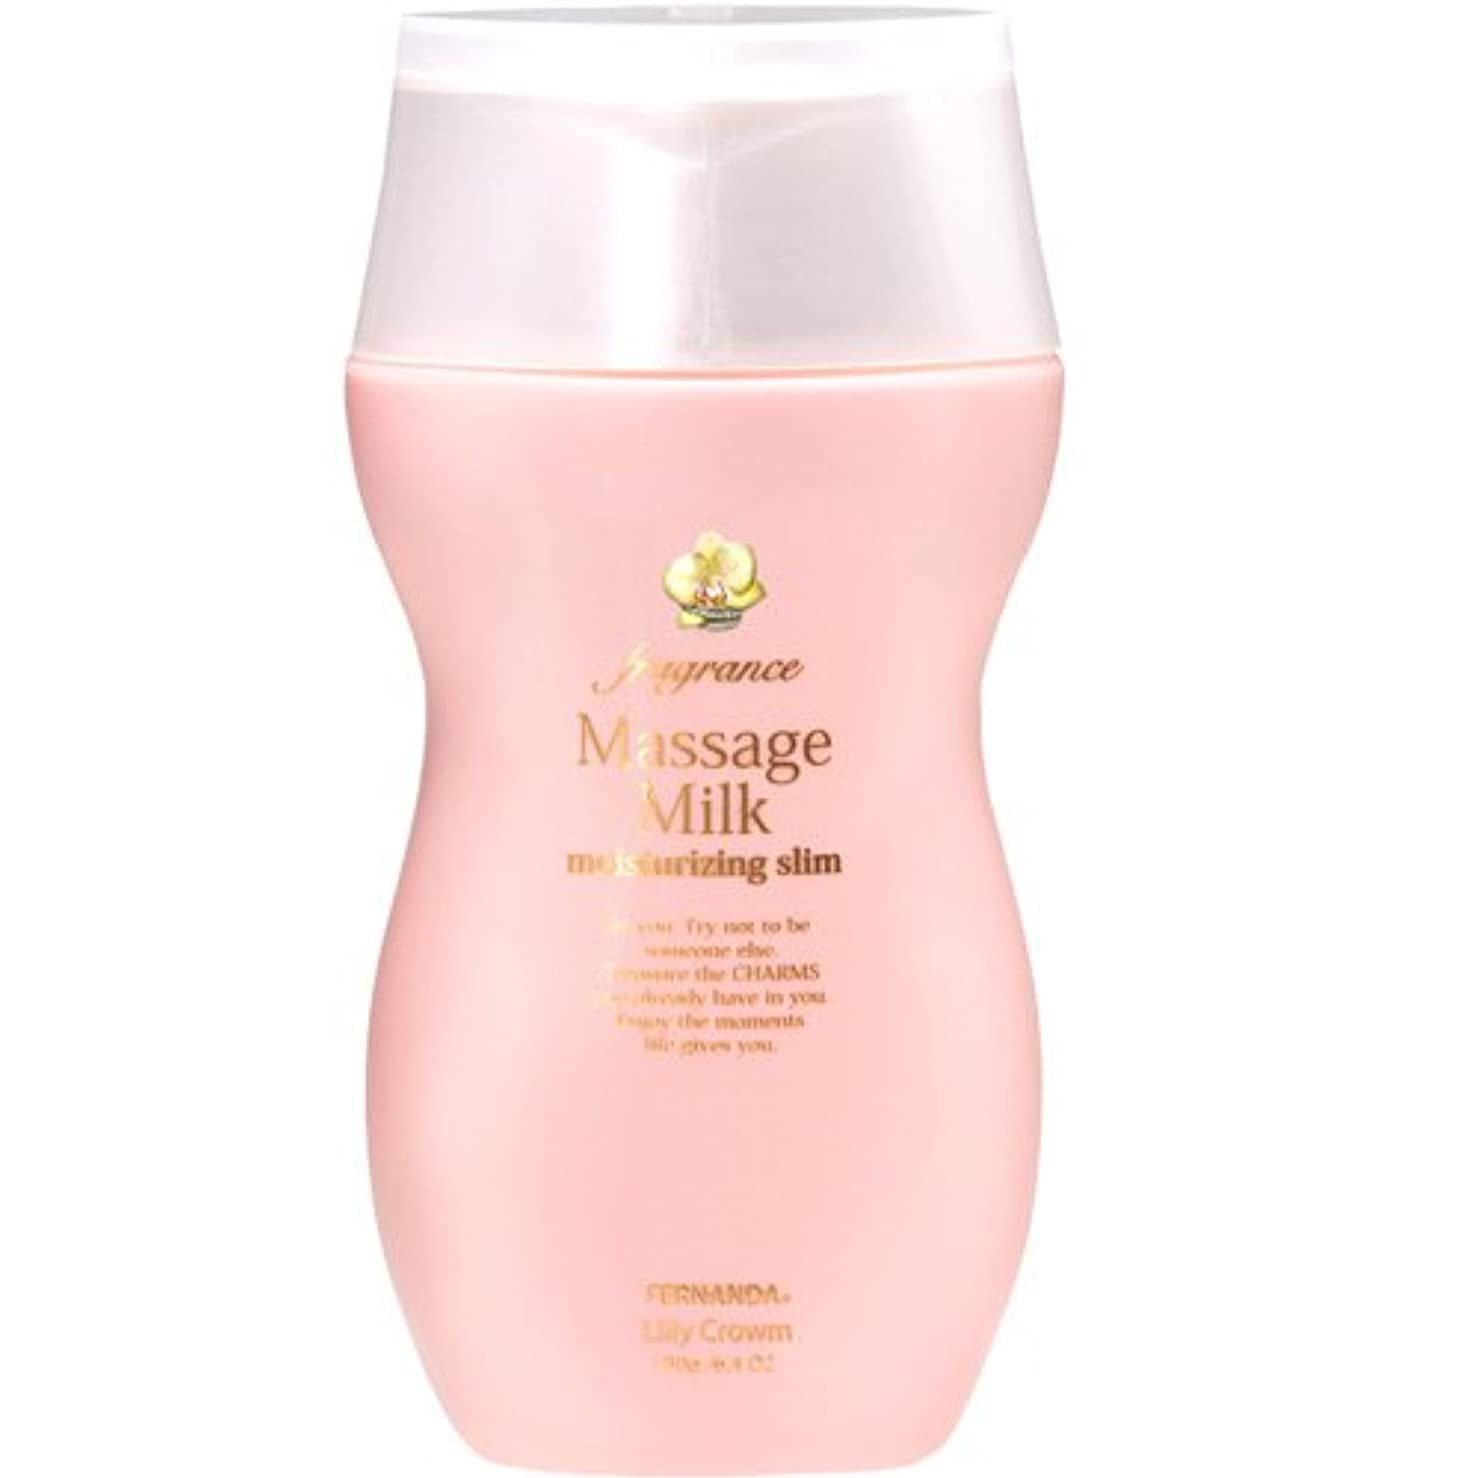 感染する宿題化合物FERNANDA(フェルナンダ) Massage Milk Lilly Crown (マッサージミルク リリークラウン)